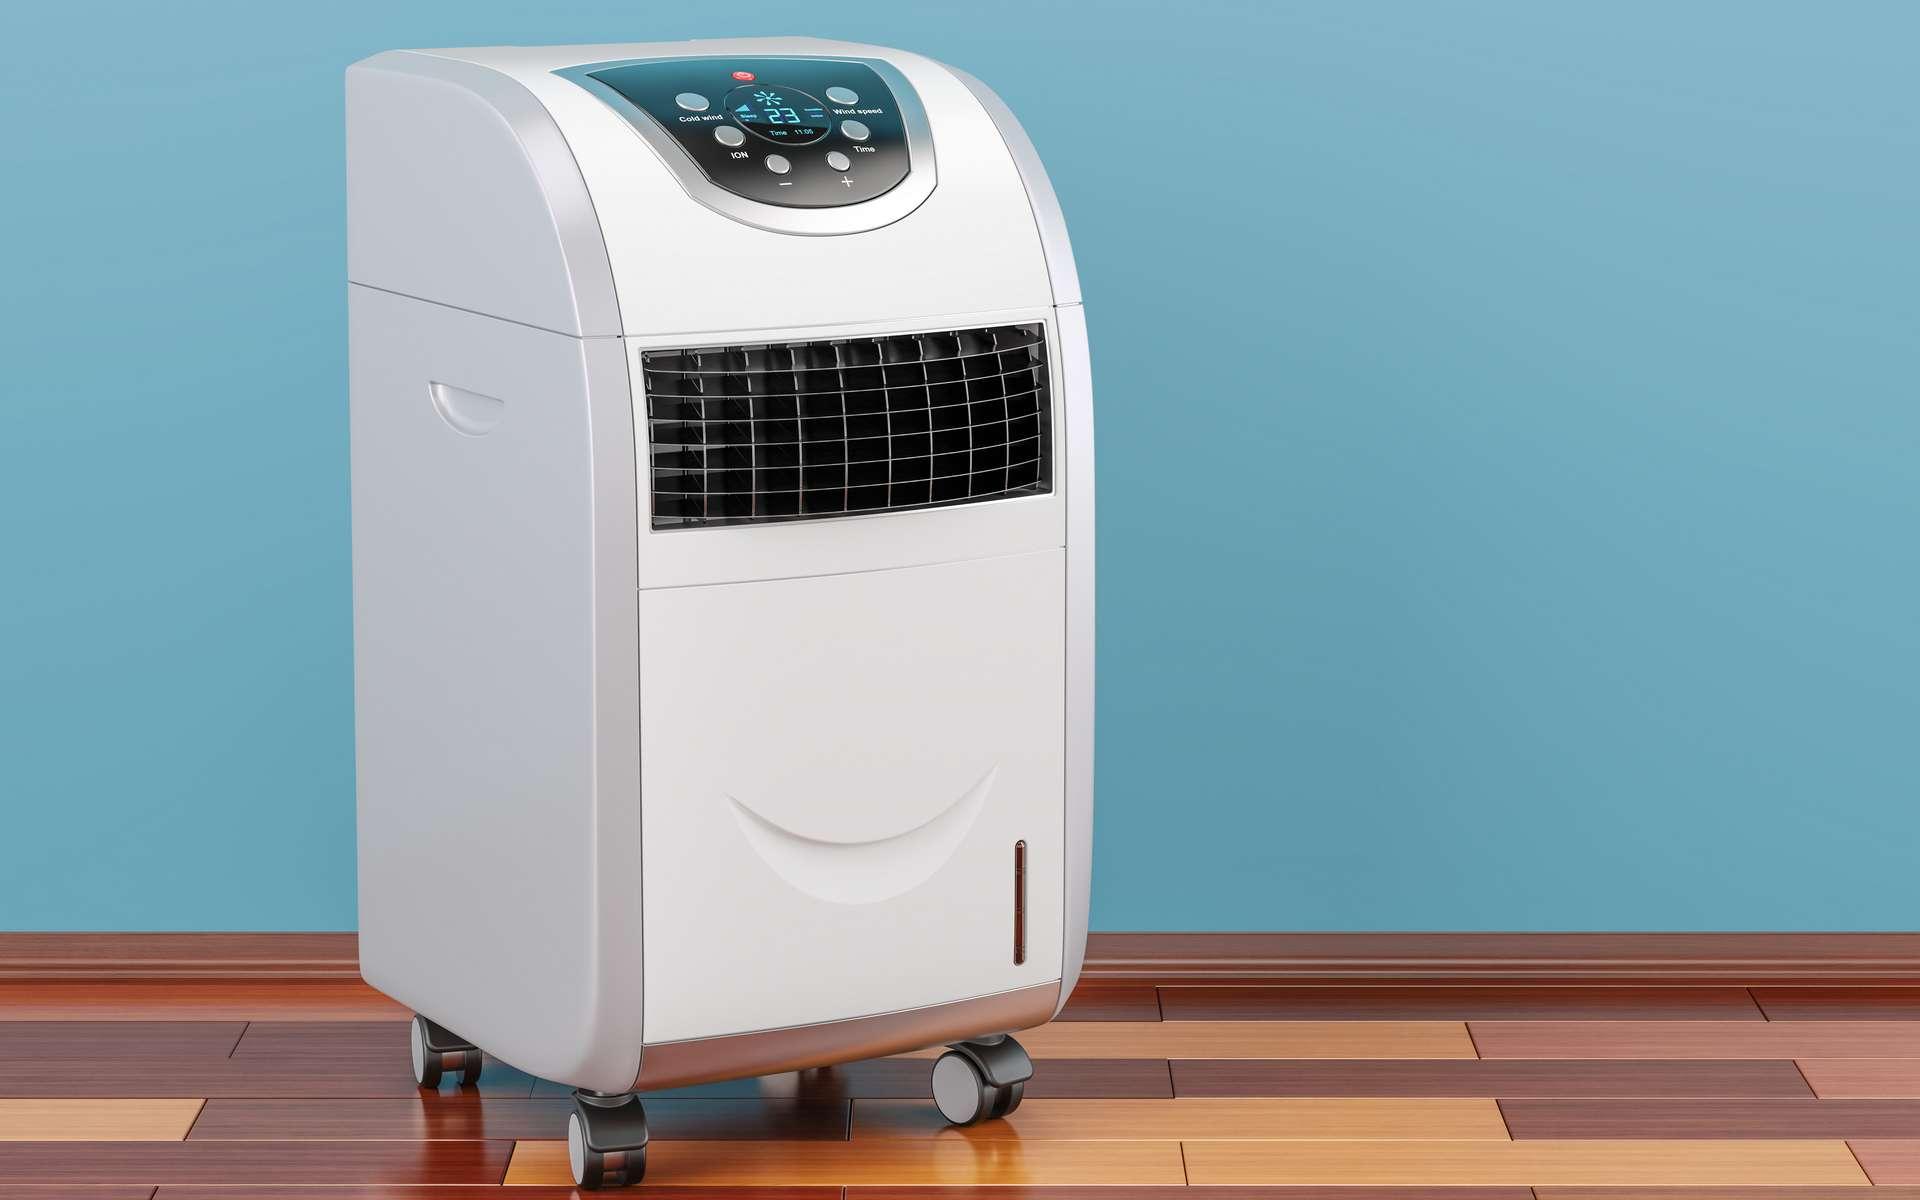 Quelles sont les meilleures offres de climatiseurs mobiles ? © alexlmx, Adobe Stock